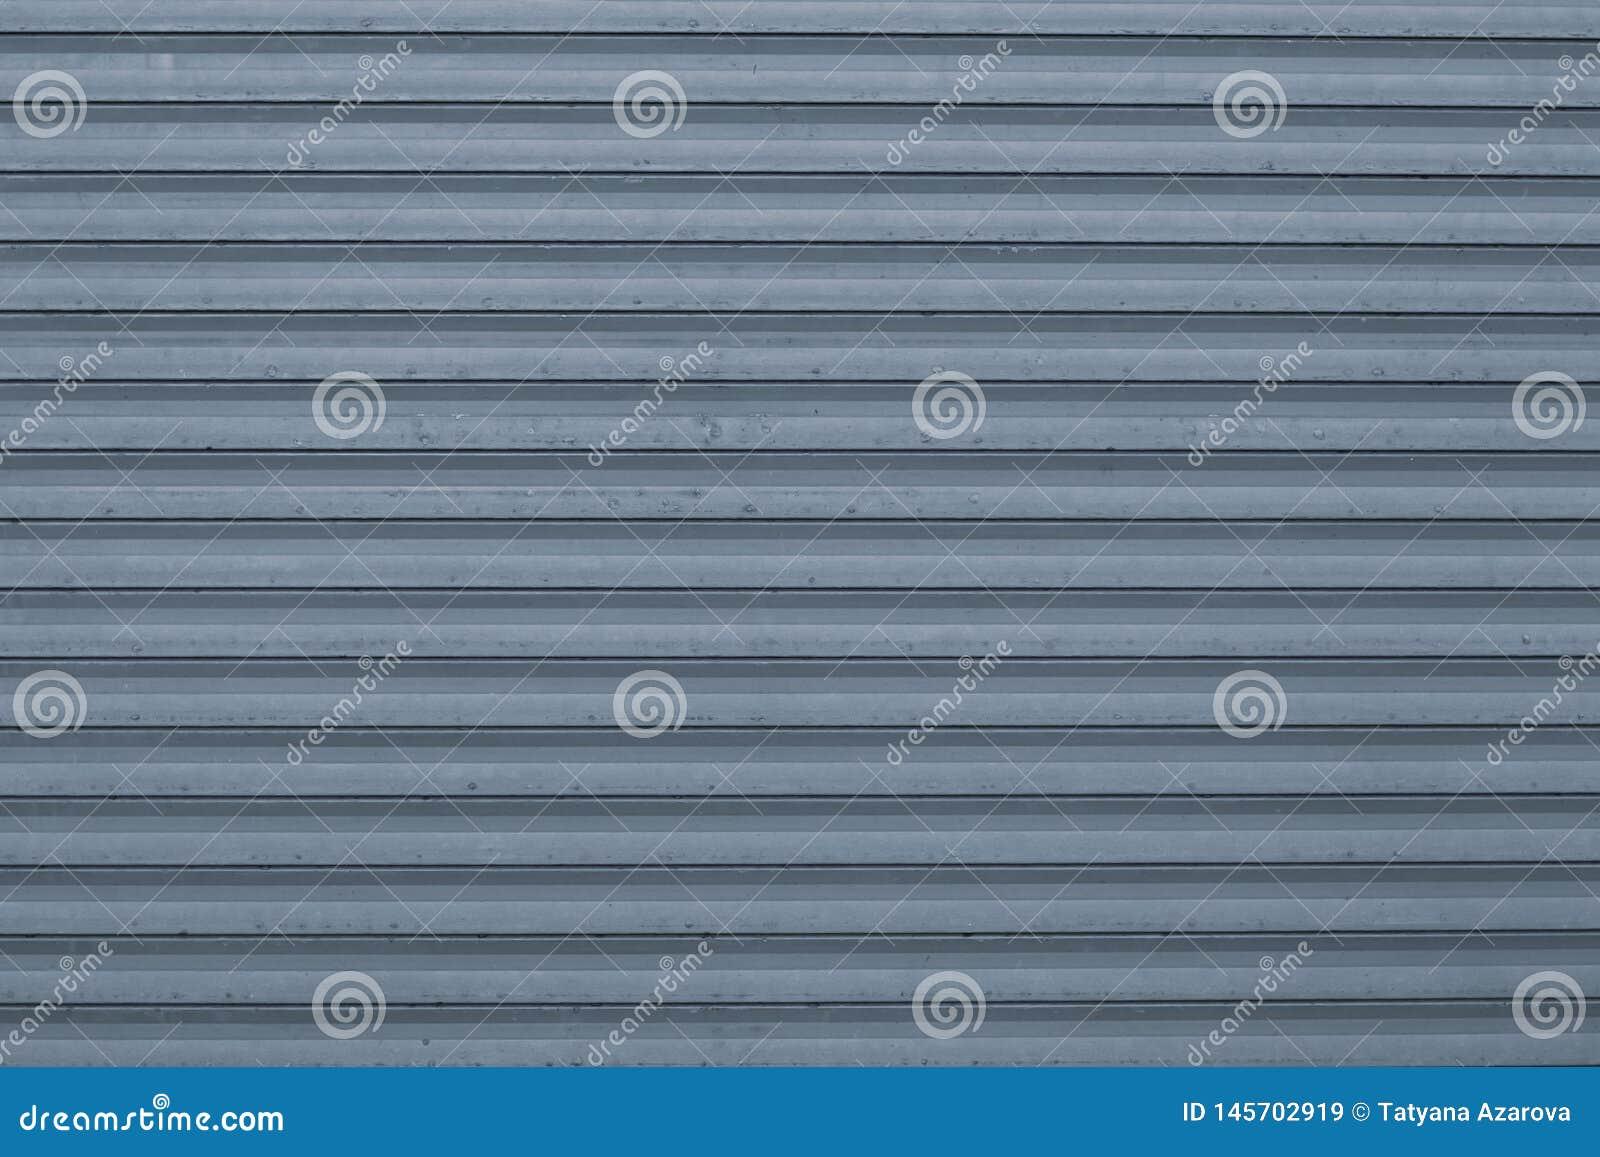 Textura da superfície metálica ondulada azul e cinzenta Fundo com nervuras azul com listras, linhas retas Teste padrão moderno do